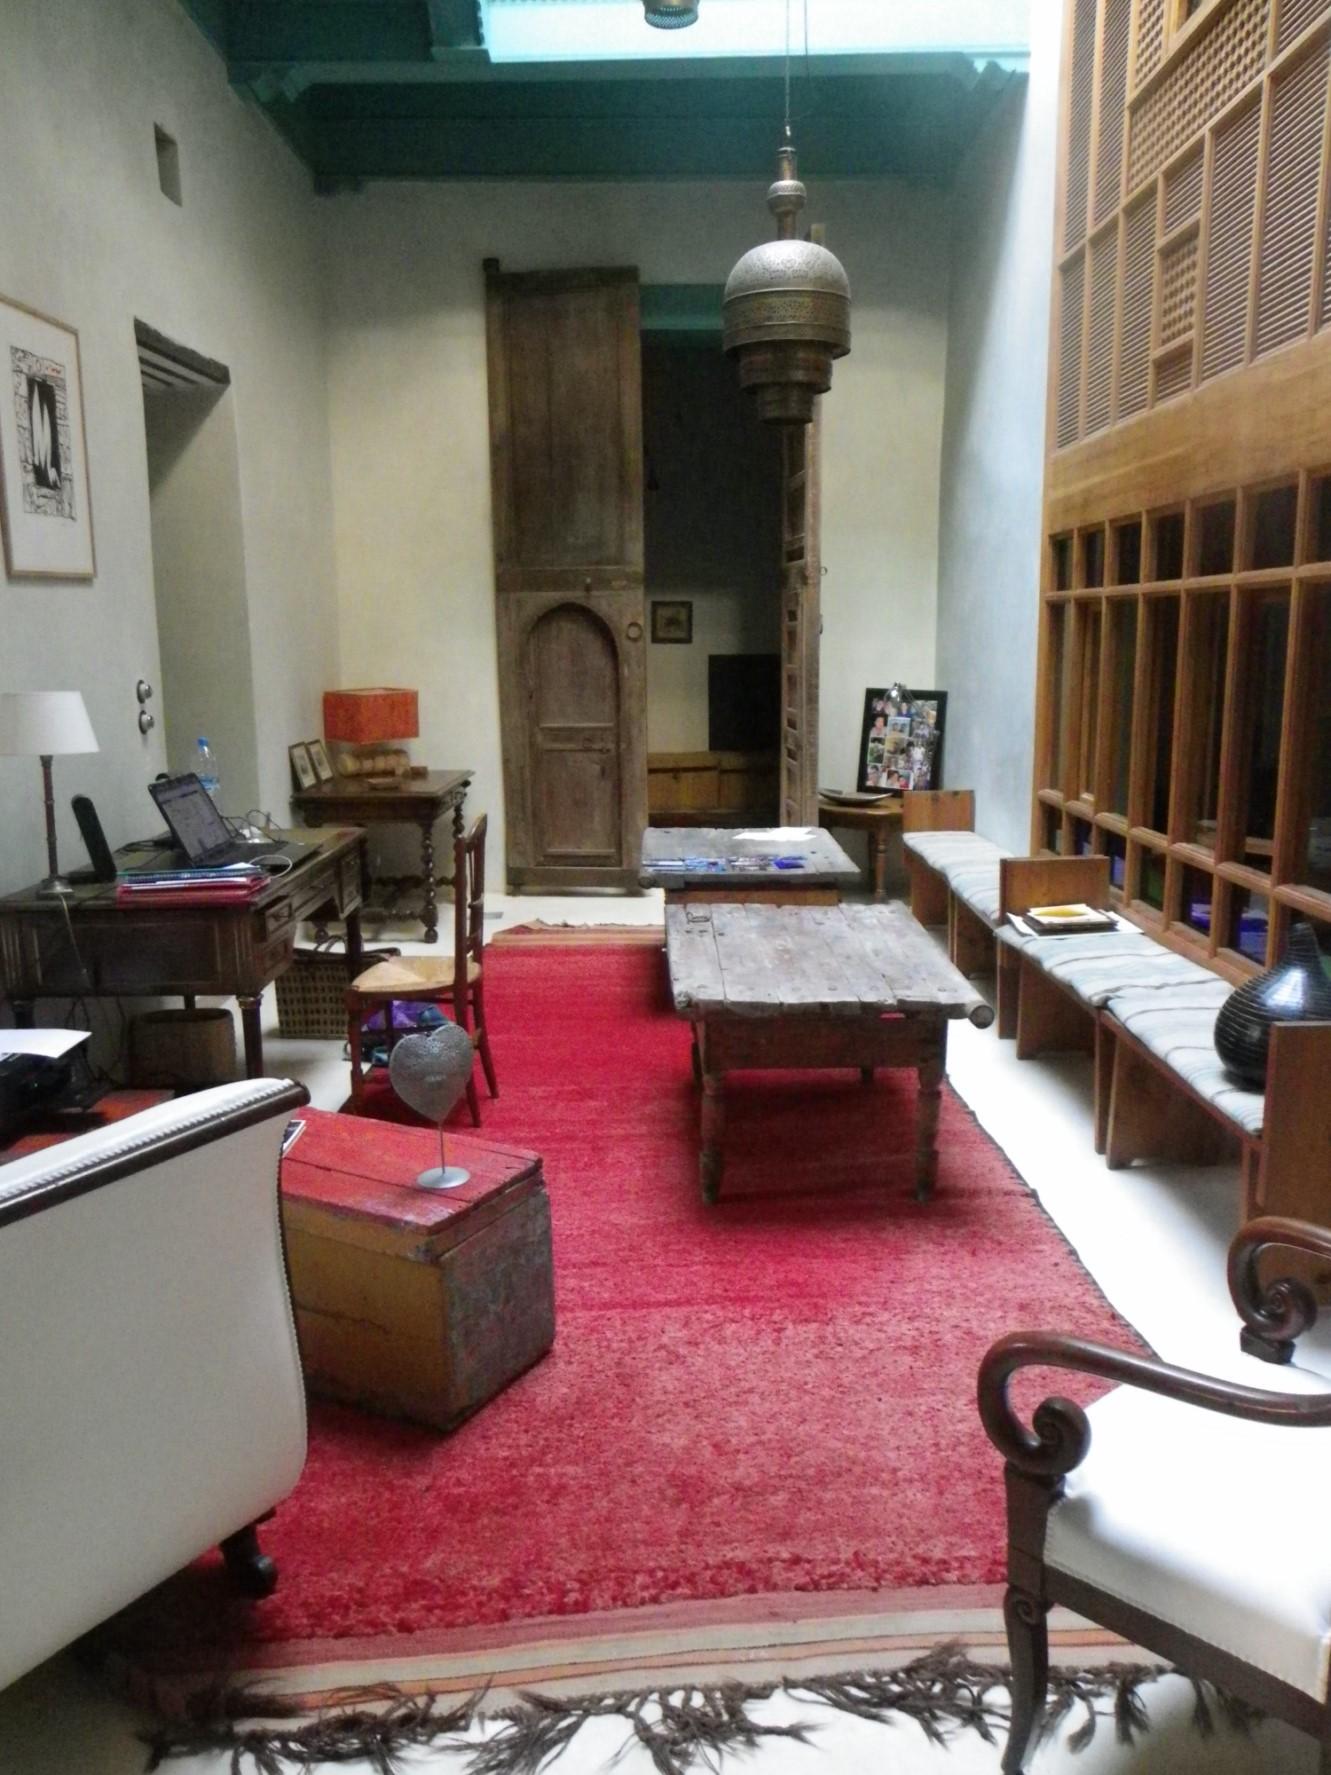 Propriété à vendre au Maroc par ROSIER